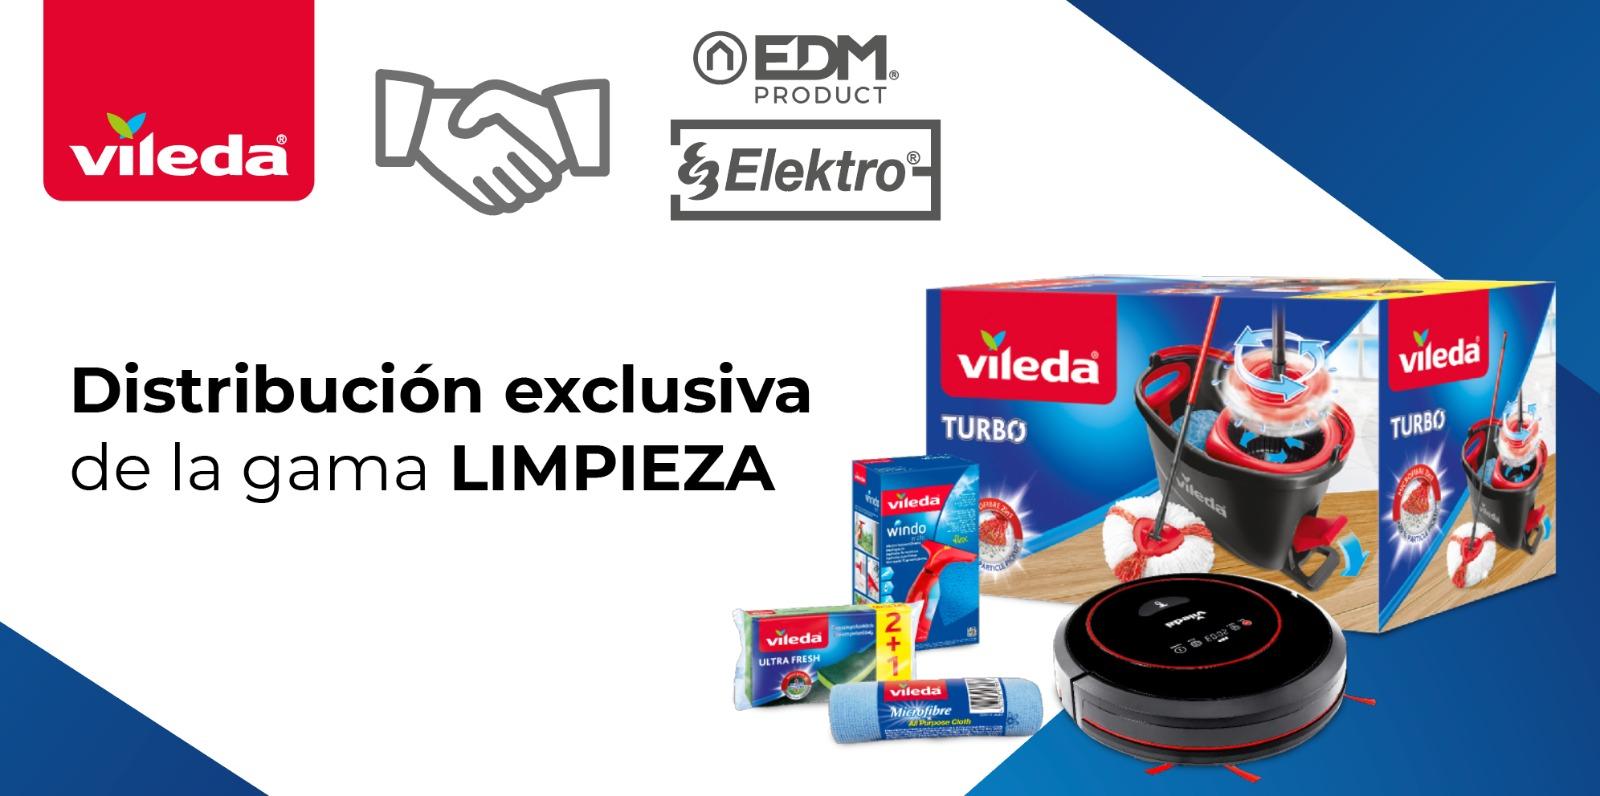 Elektro3-EDM único distribuidor Vileda, para o canal lojas de ferragens e bricolagem